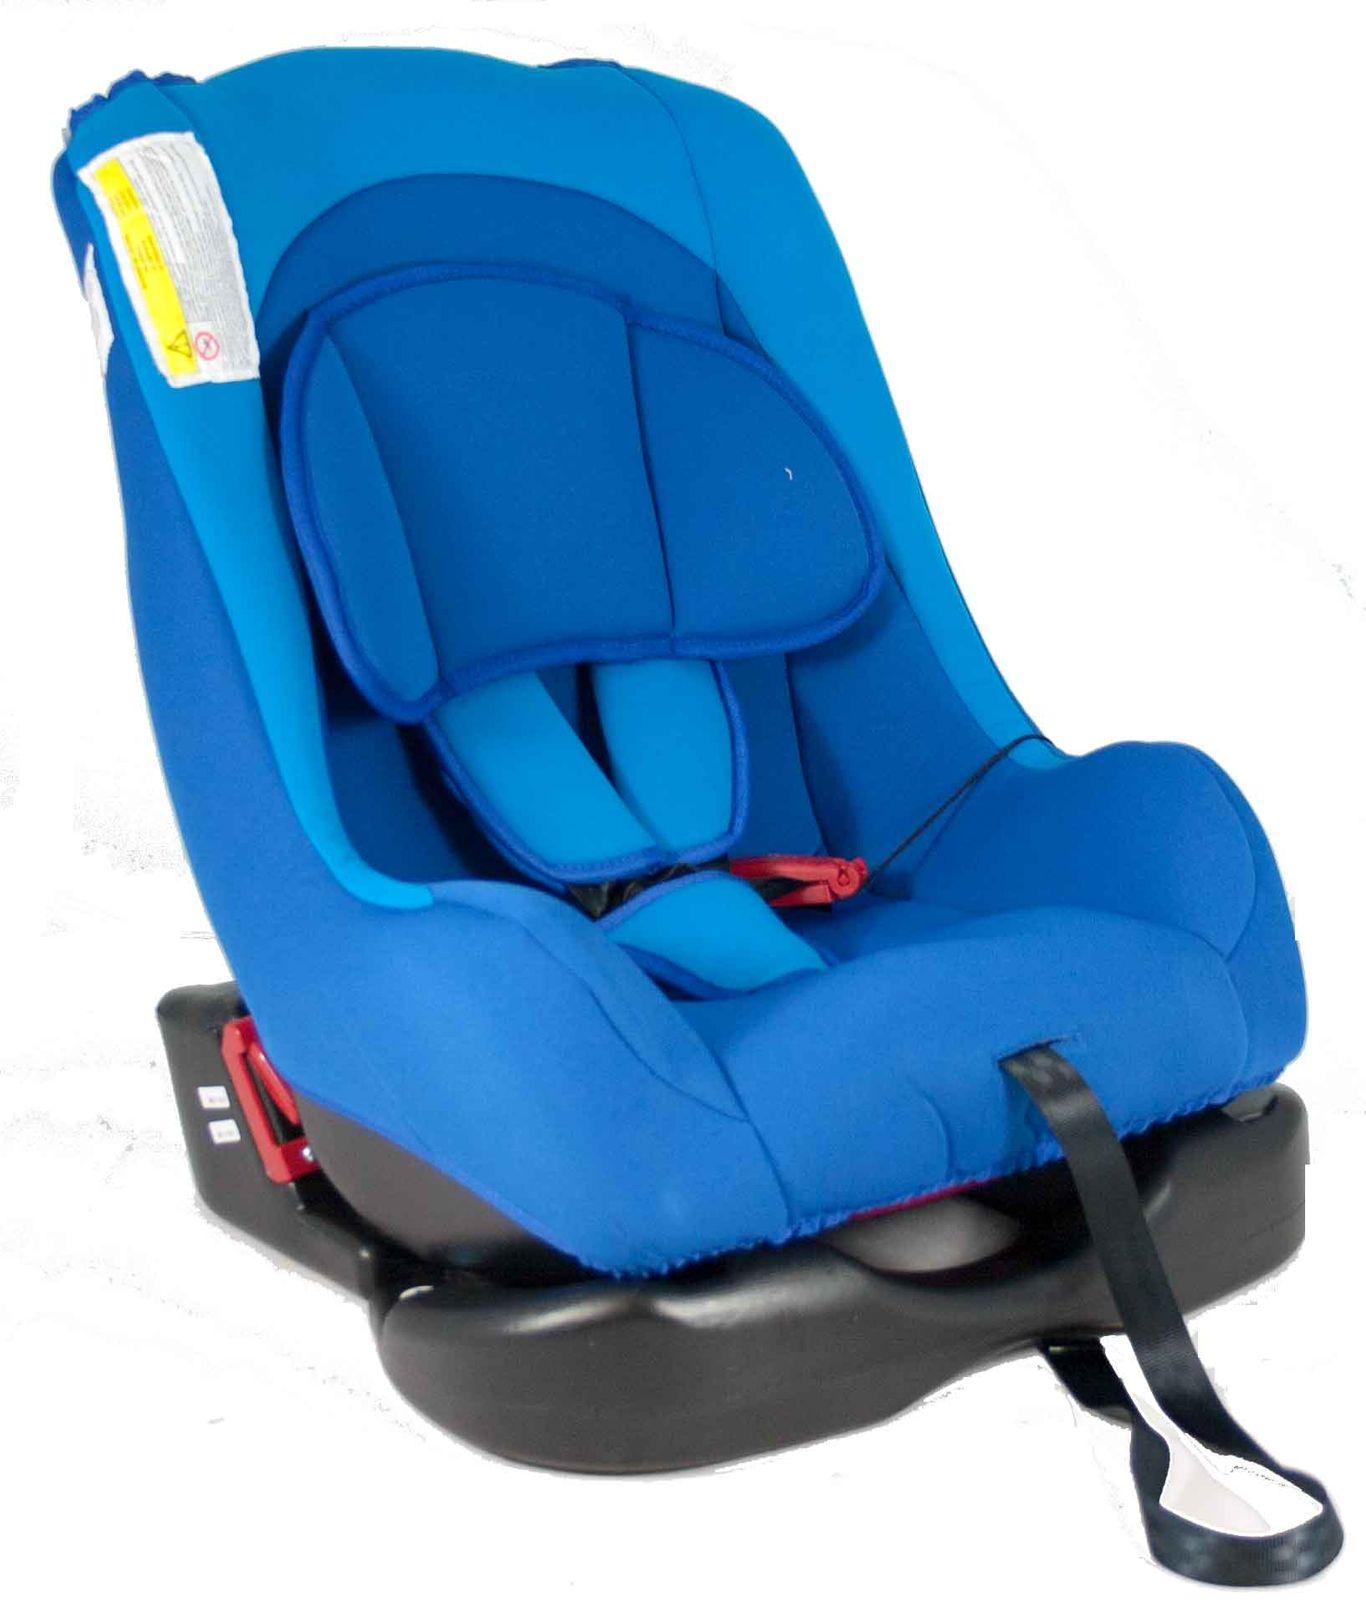 autokindersitz united kids galaxy gruppe 0 i 0 18 kg blau. Black Bedroom Furniture Sets. Home Design Ideas